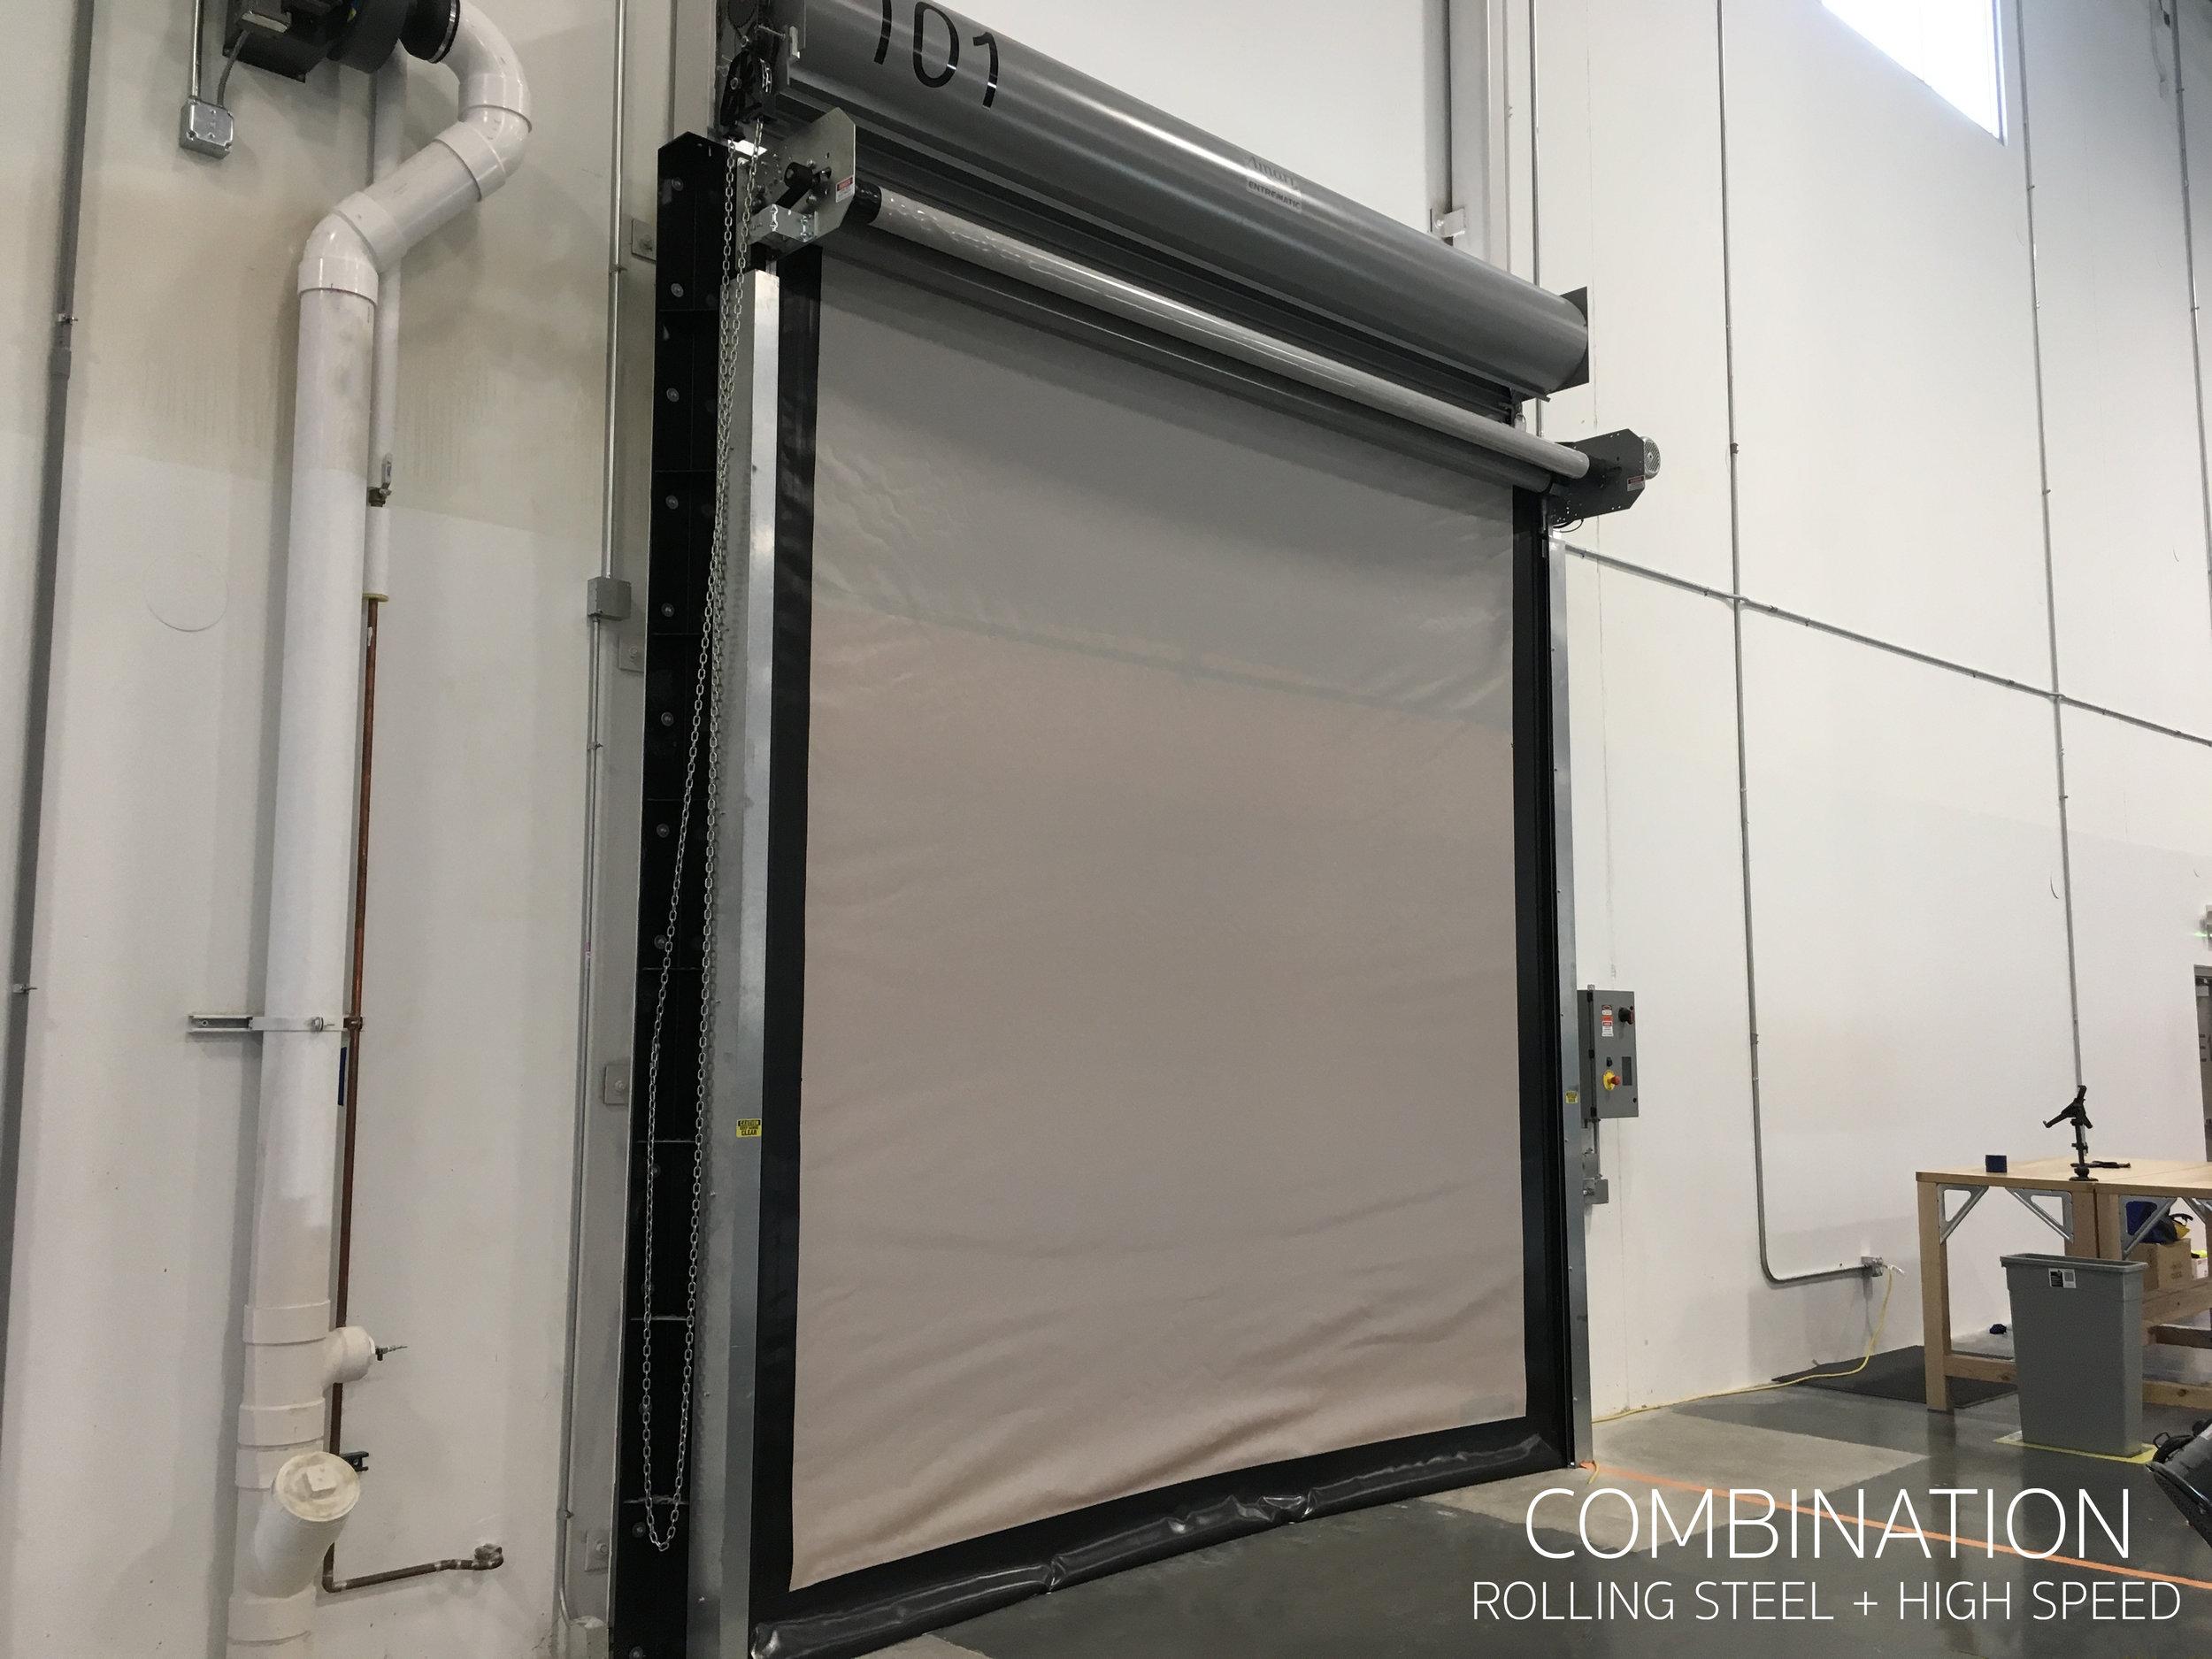 Dual High Speed Door and Rolling Steel Door Used in combination